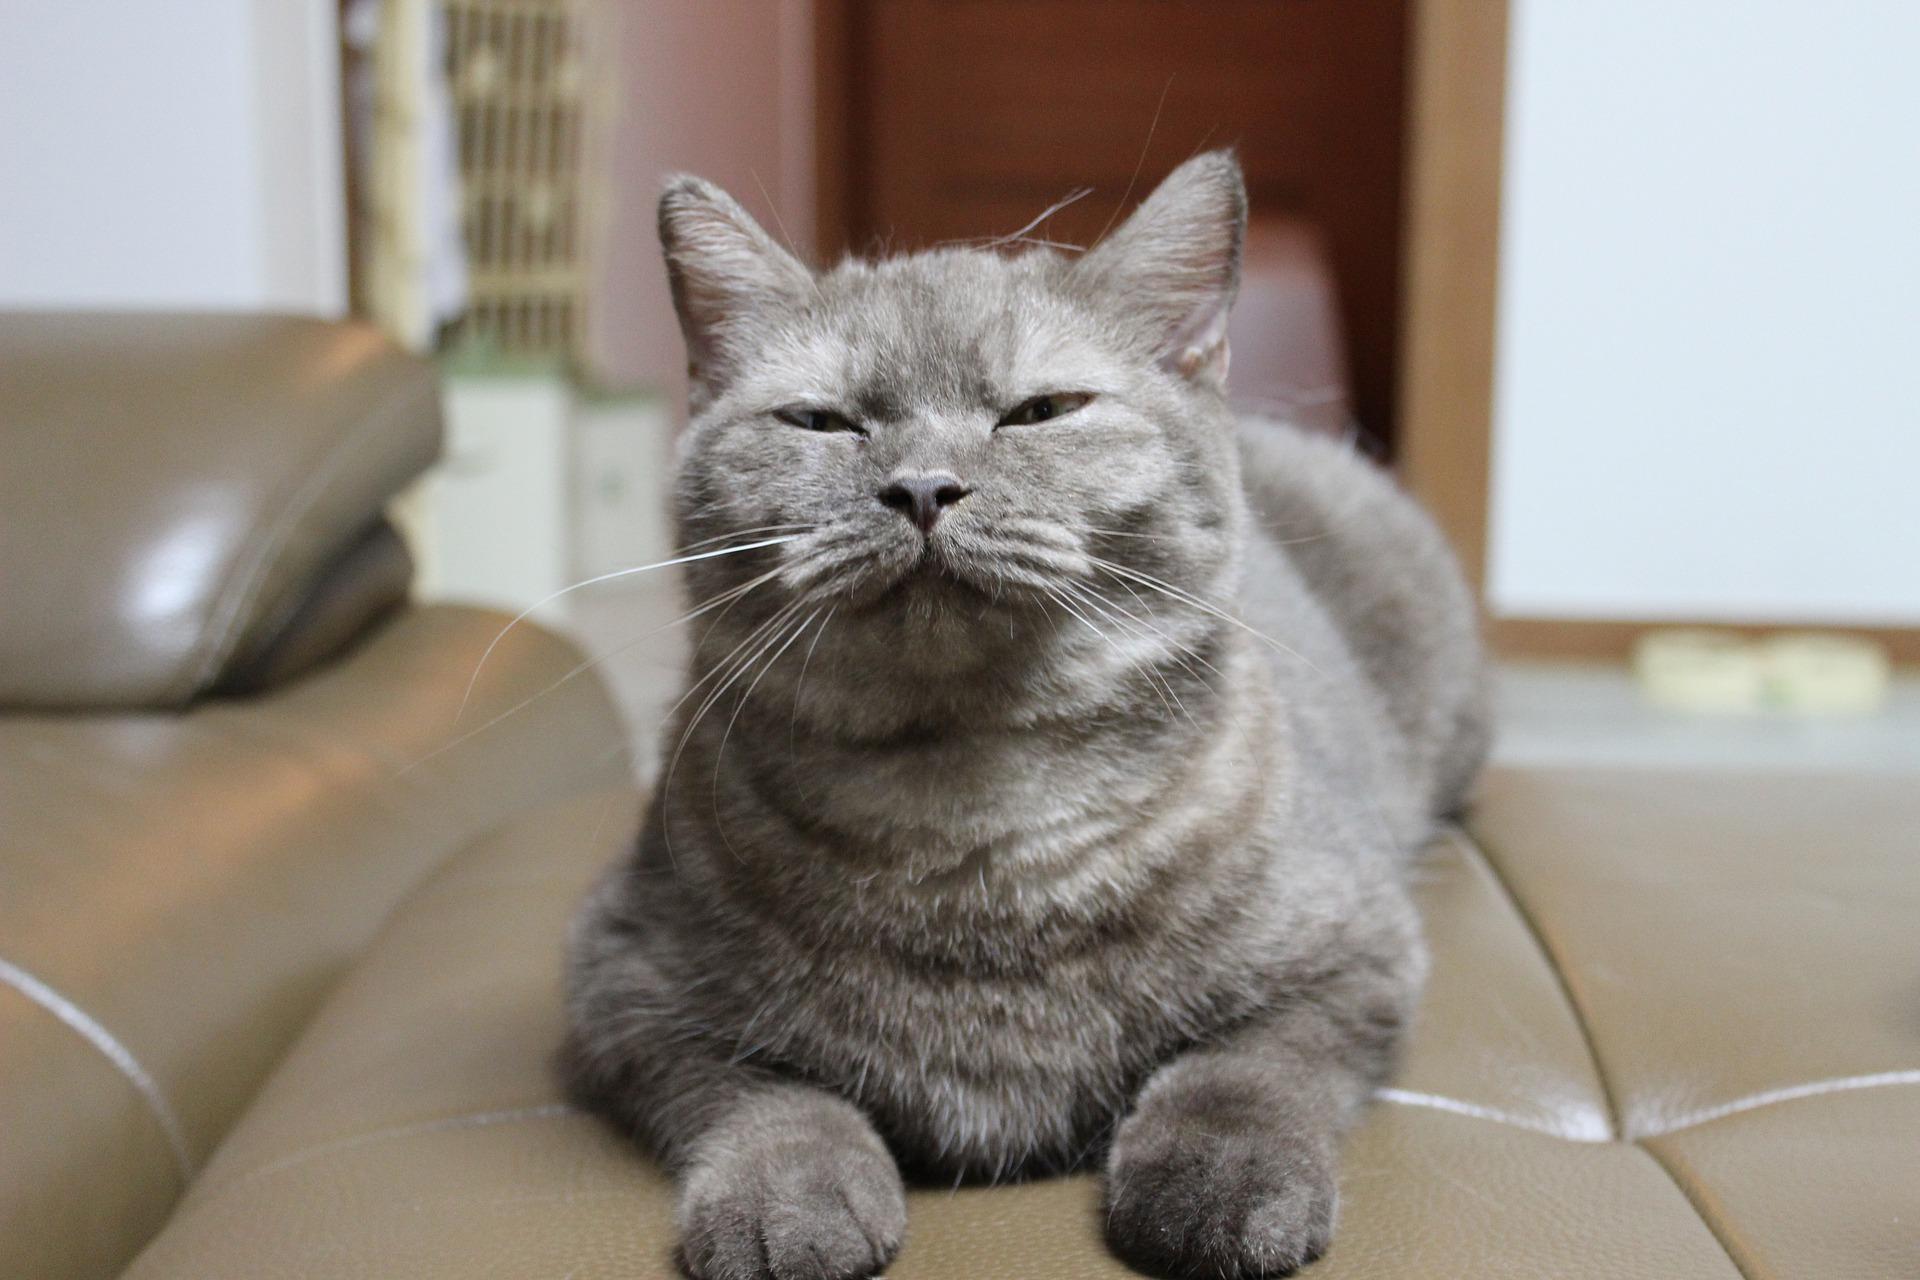 Koty domowe na przykład wyraźnie preferują pożywienie bogate w białko i tłuszcze zwierzęce. Są to substancje o kluczowym znaczeniu dla ich zdrowia.